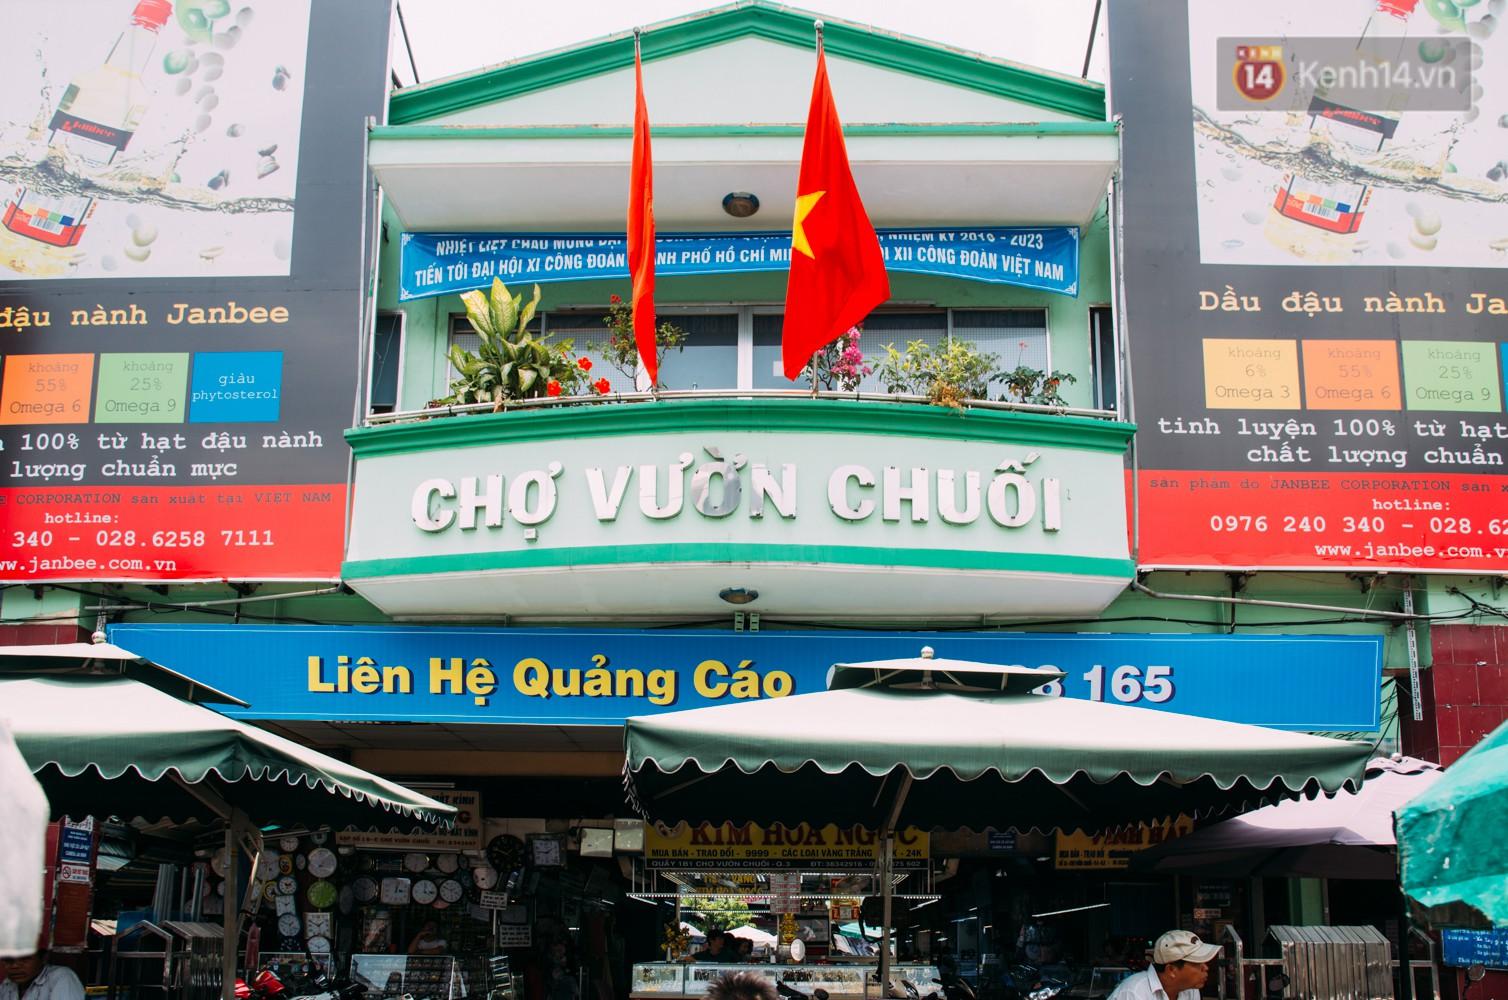 Vì sao Sài Gòn có rất nhiều chợ mang tên cây cỏ kỳ lạ? - Ảnh 8.